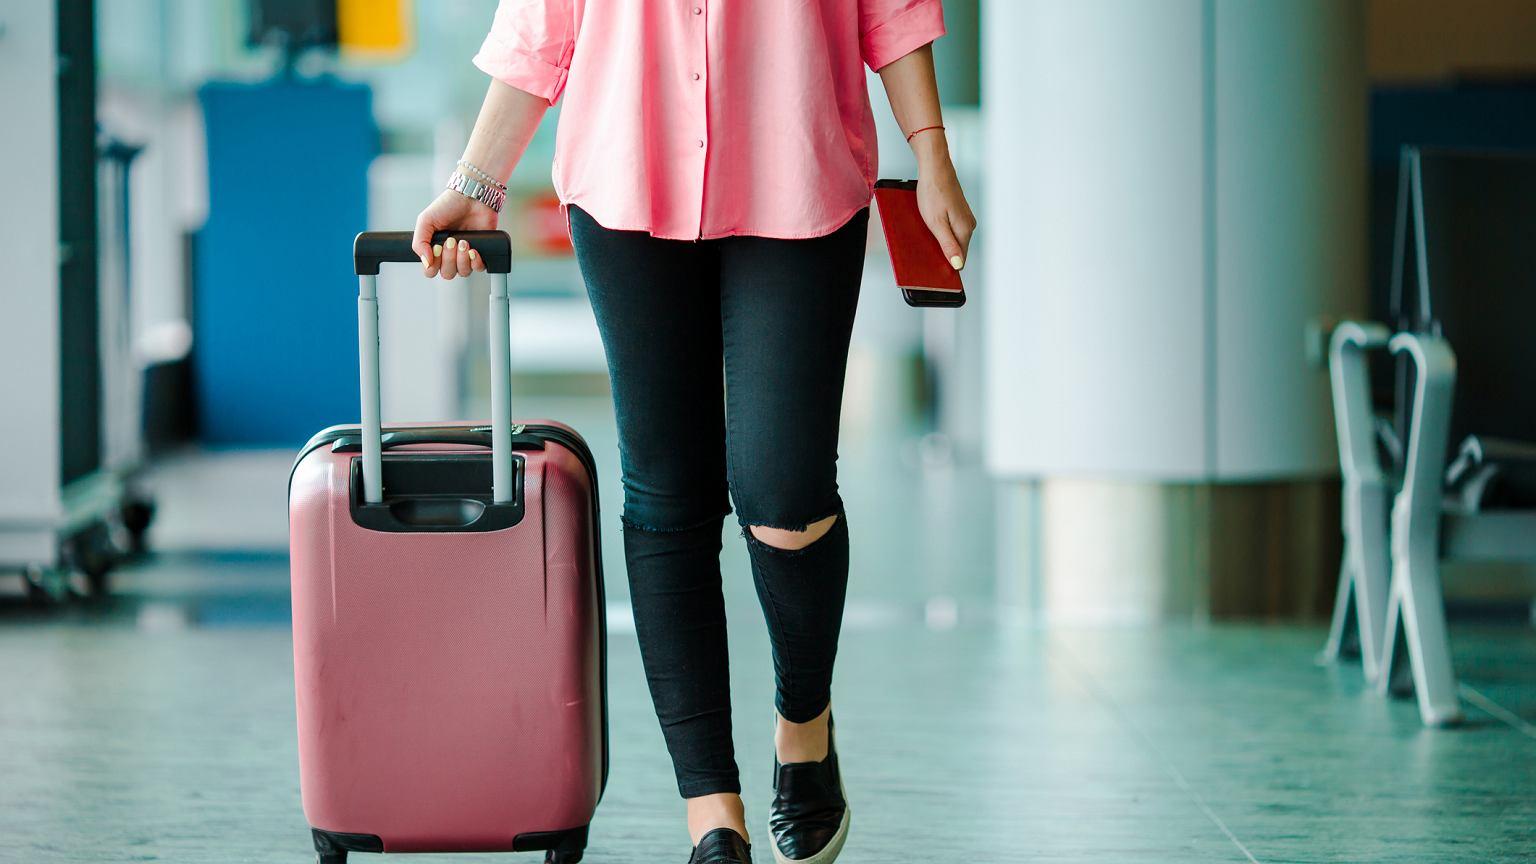 f8ee72549526e W co spakować się na tygodniowy wyjazd? Kabinówki, torby i plecaki, które  świetnie sprawdzą się podczas krótkiej podróży